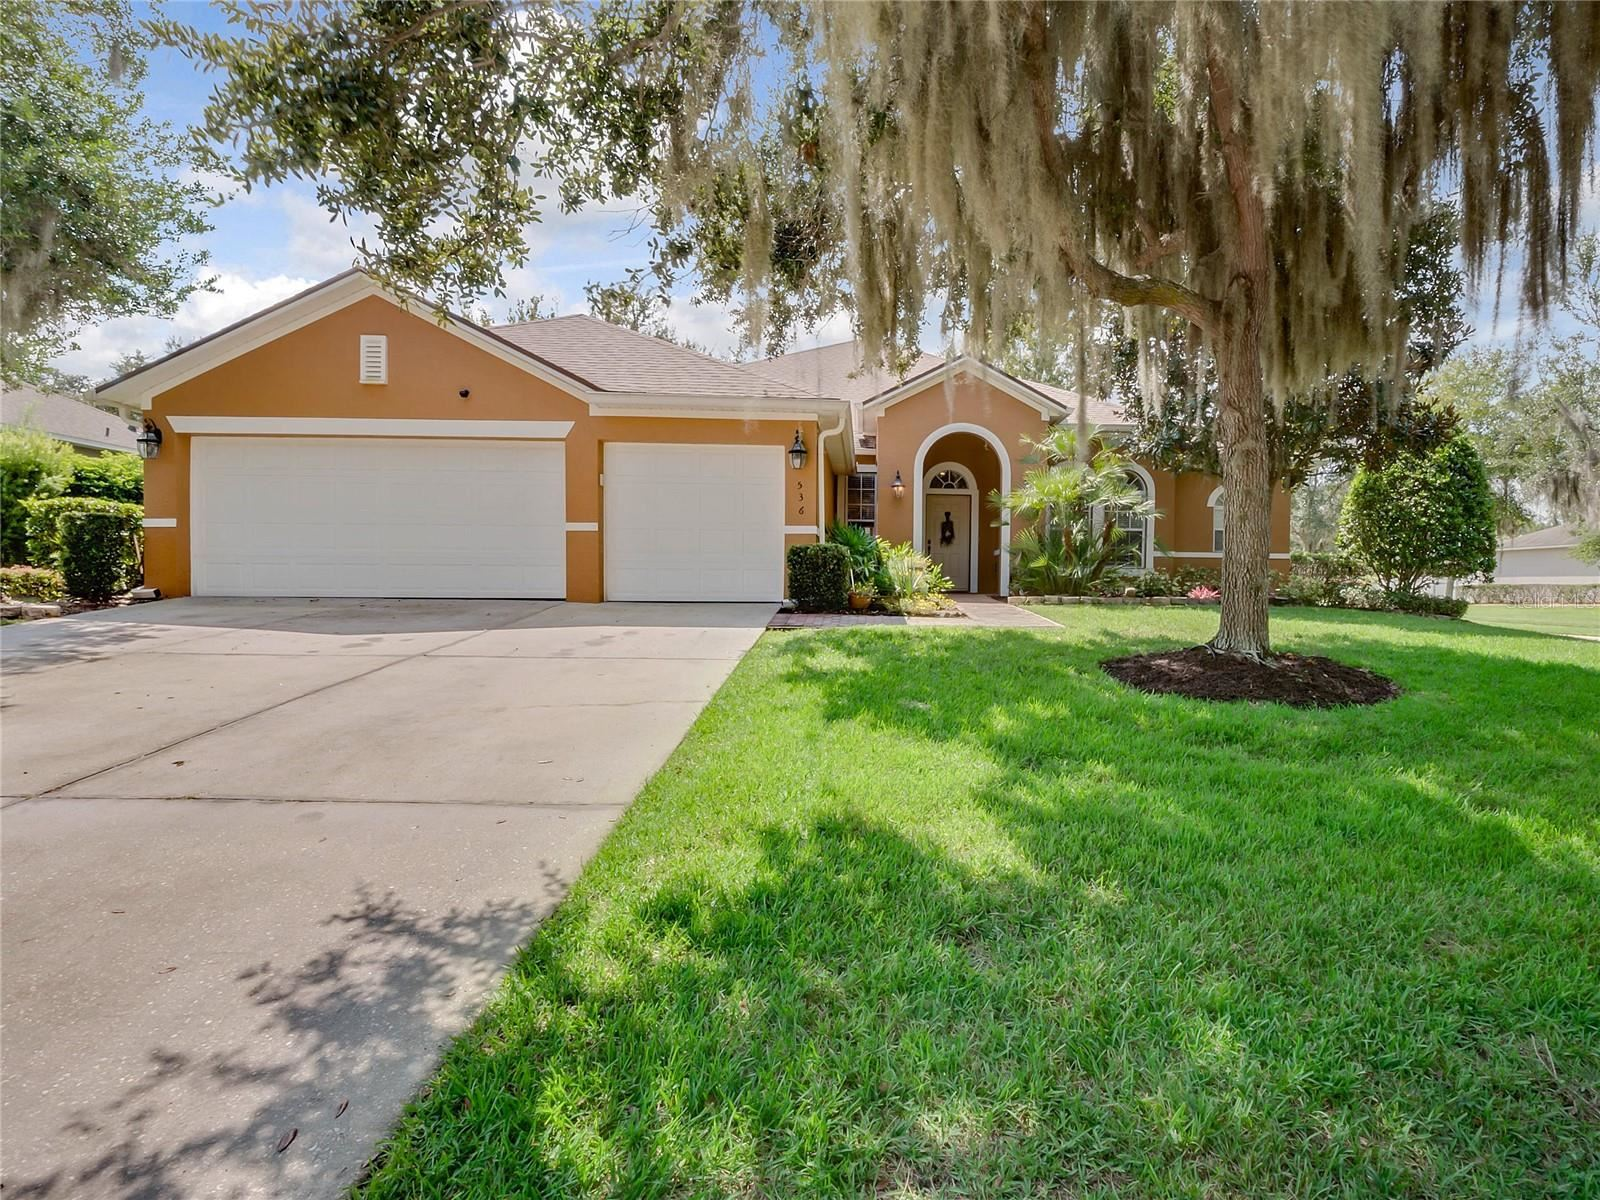 536 LAKE COVE POINTE CIRCLE, Winter Garden, FL 34787 - #: O5974166